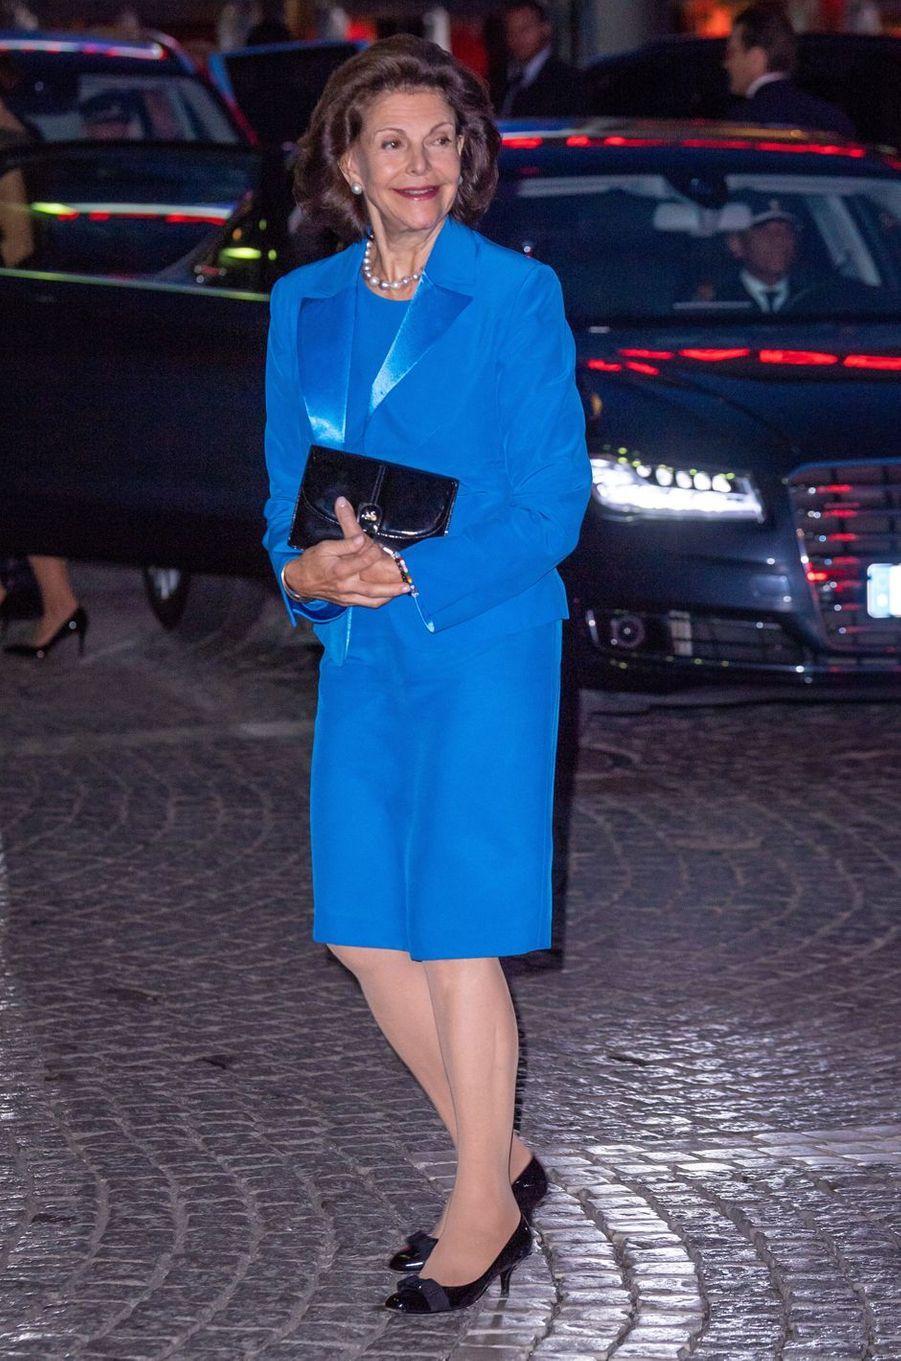 La reine Silvia de Suède à Stockholm, le 25 septembre 2018